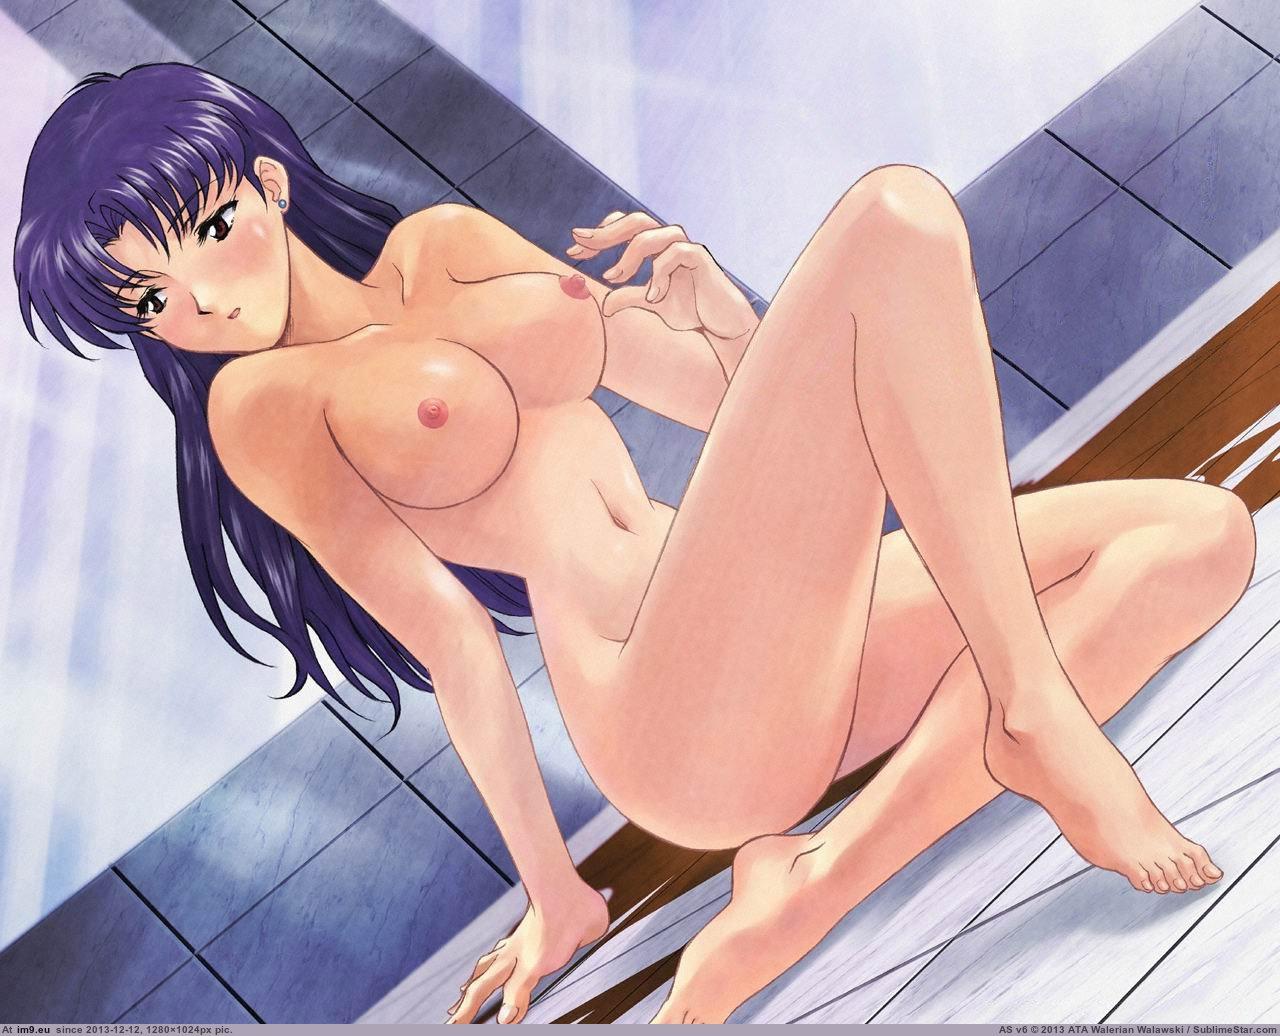 colage girls porn image